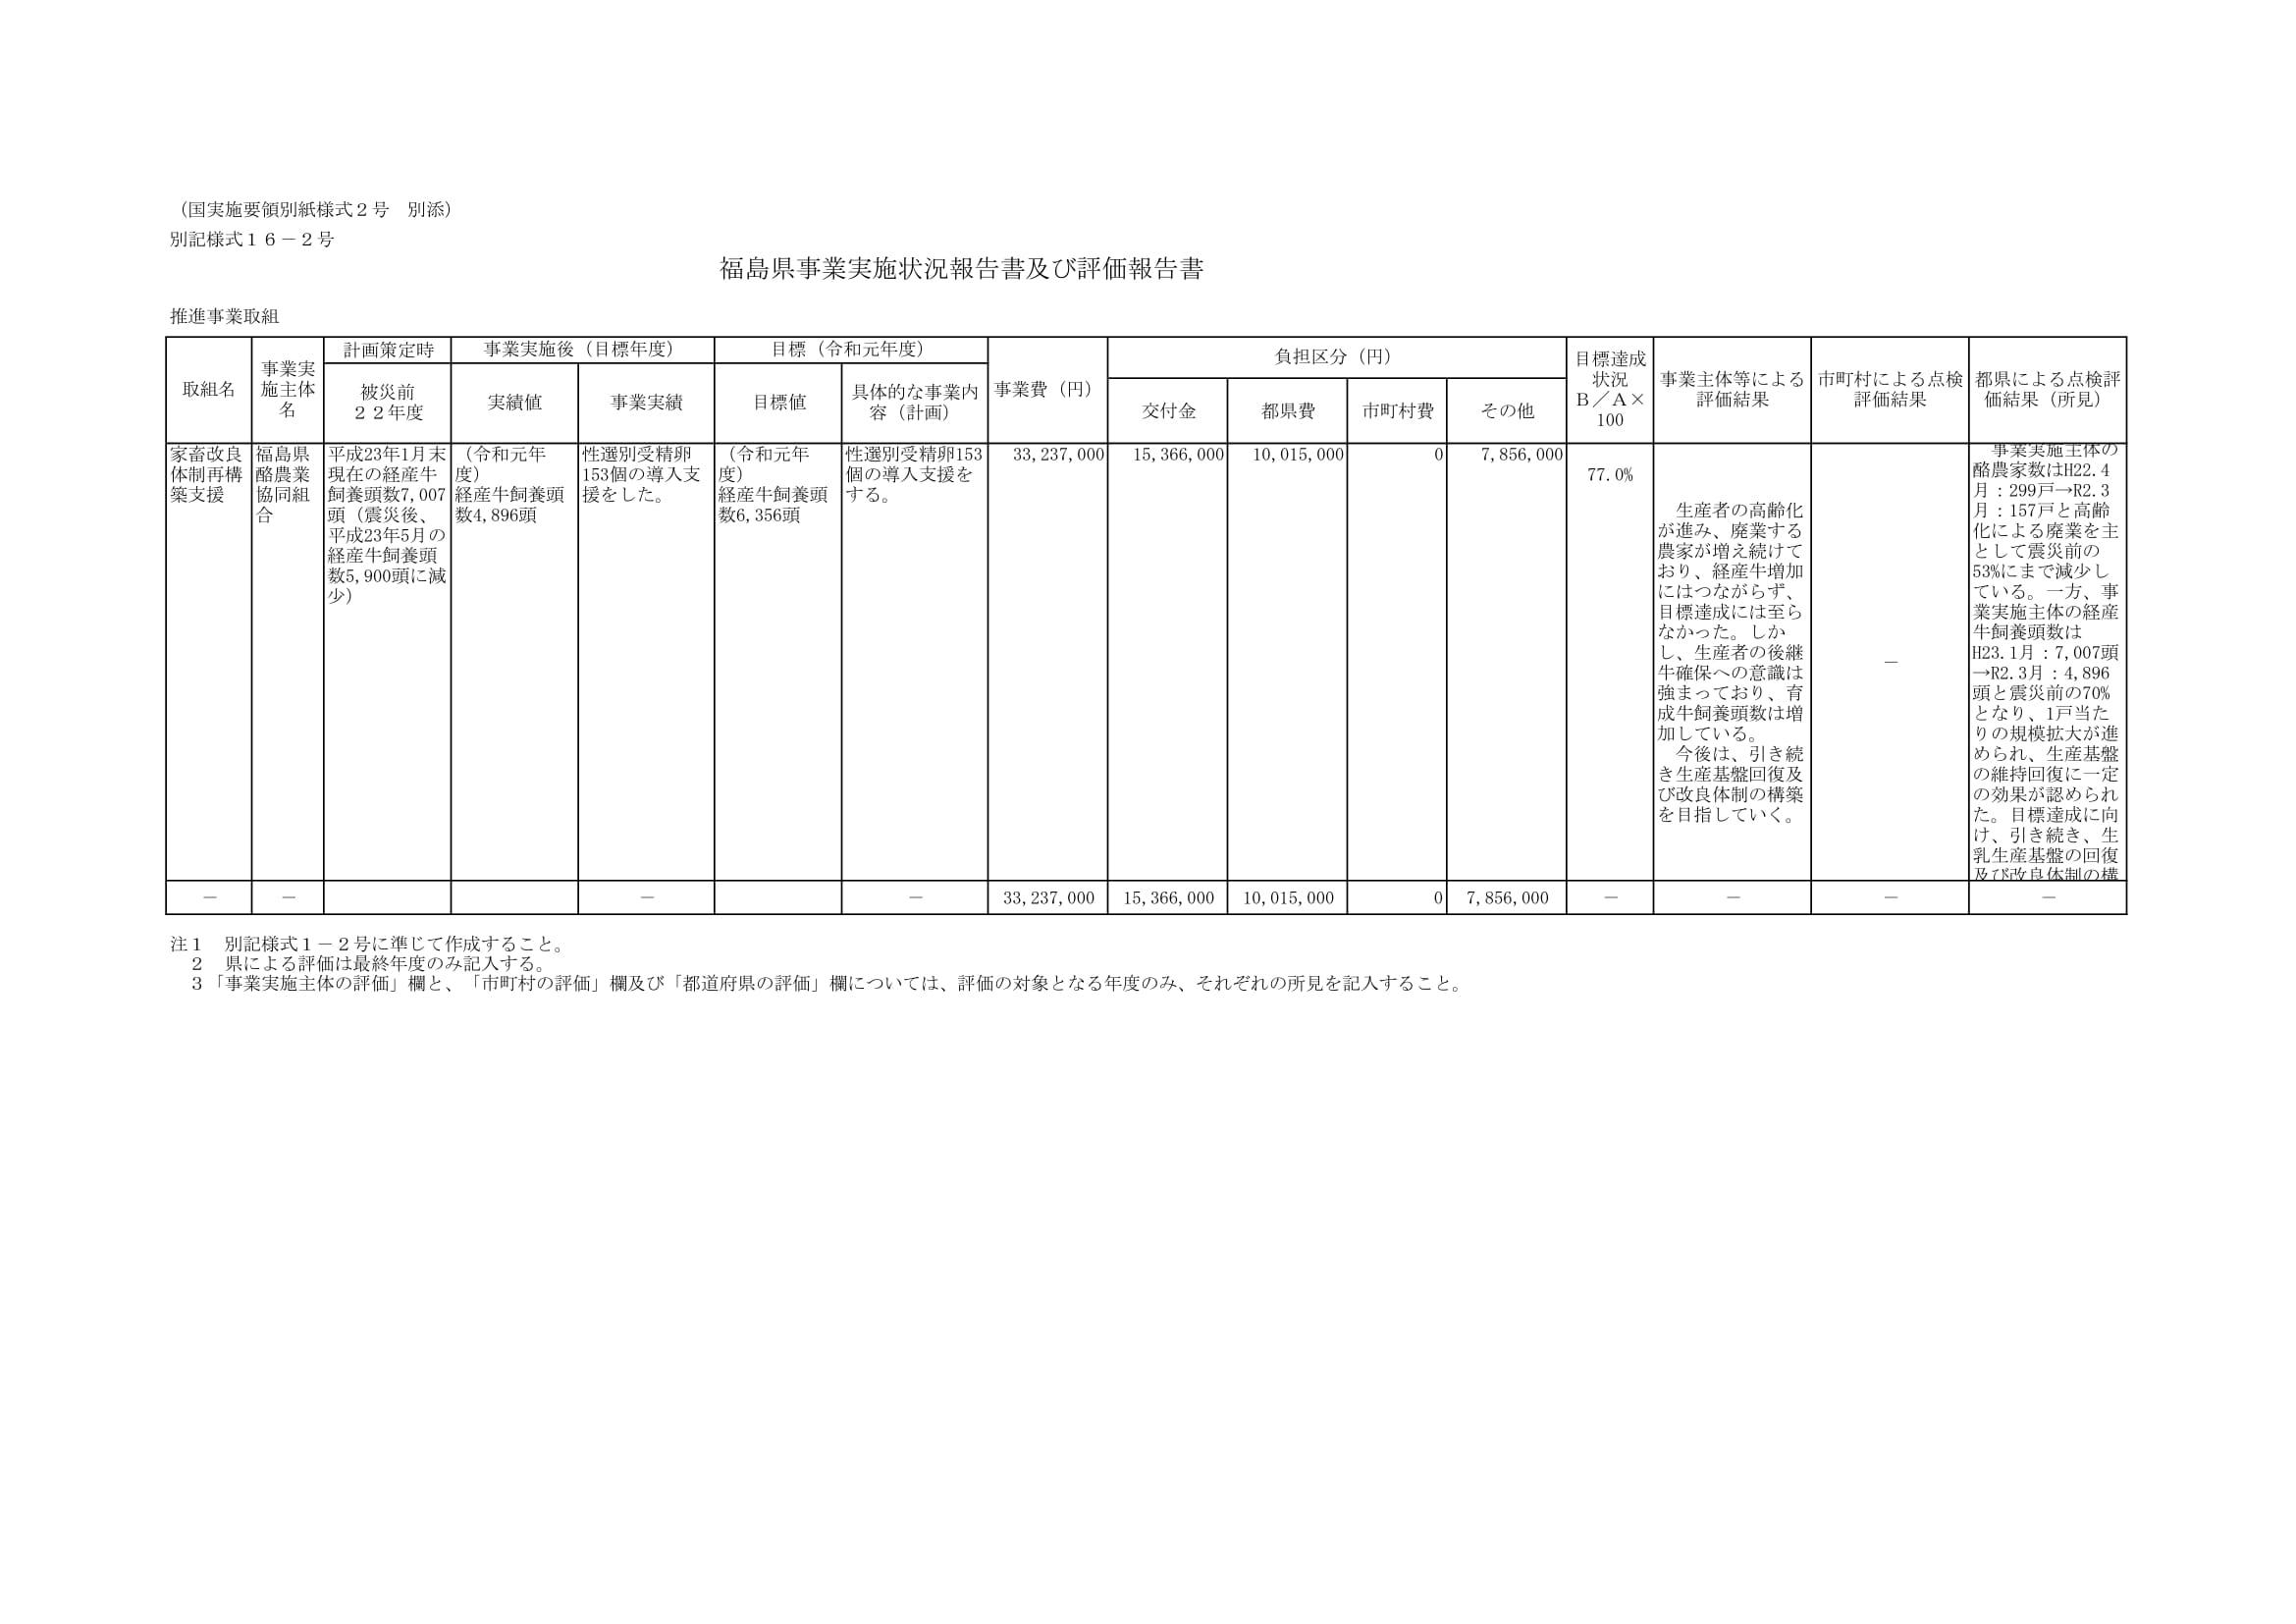 コピー【酪農協】H30受精卵_事業実施状況報告&対策の評価(別記様式16号)-1